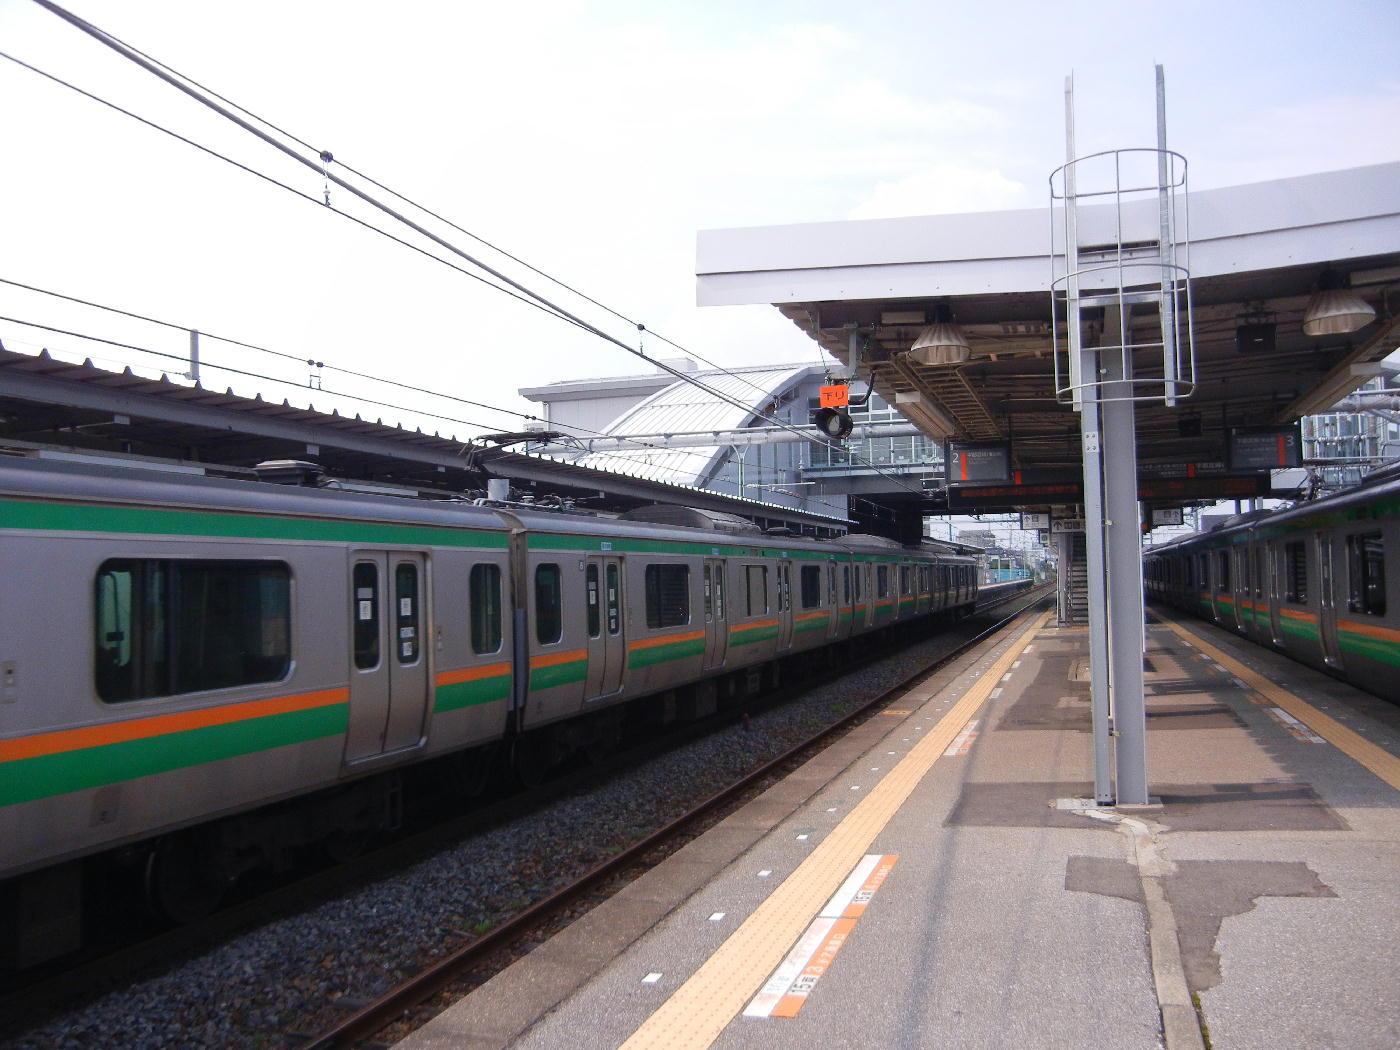 DSCN5405.jpg